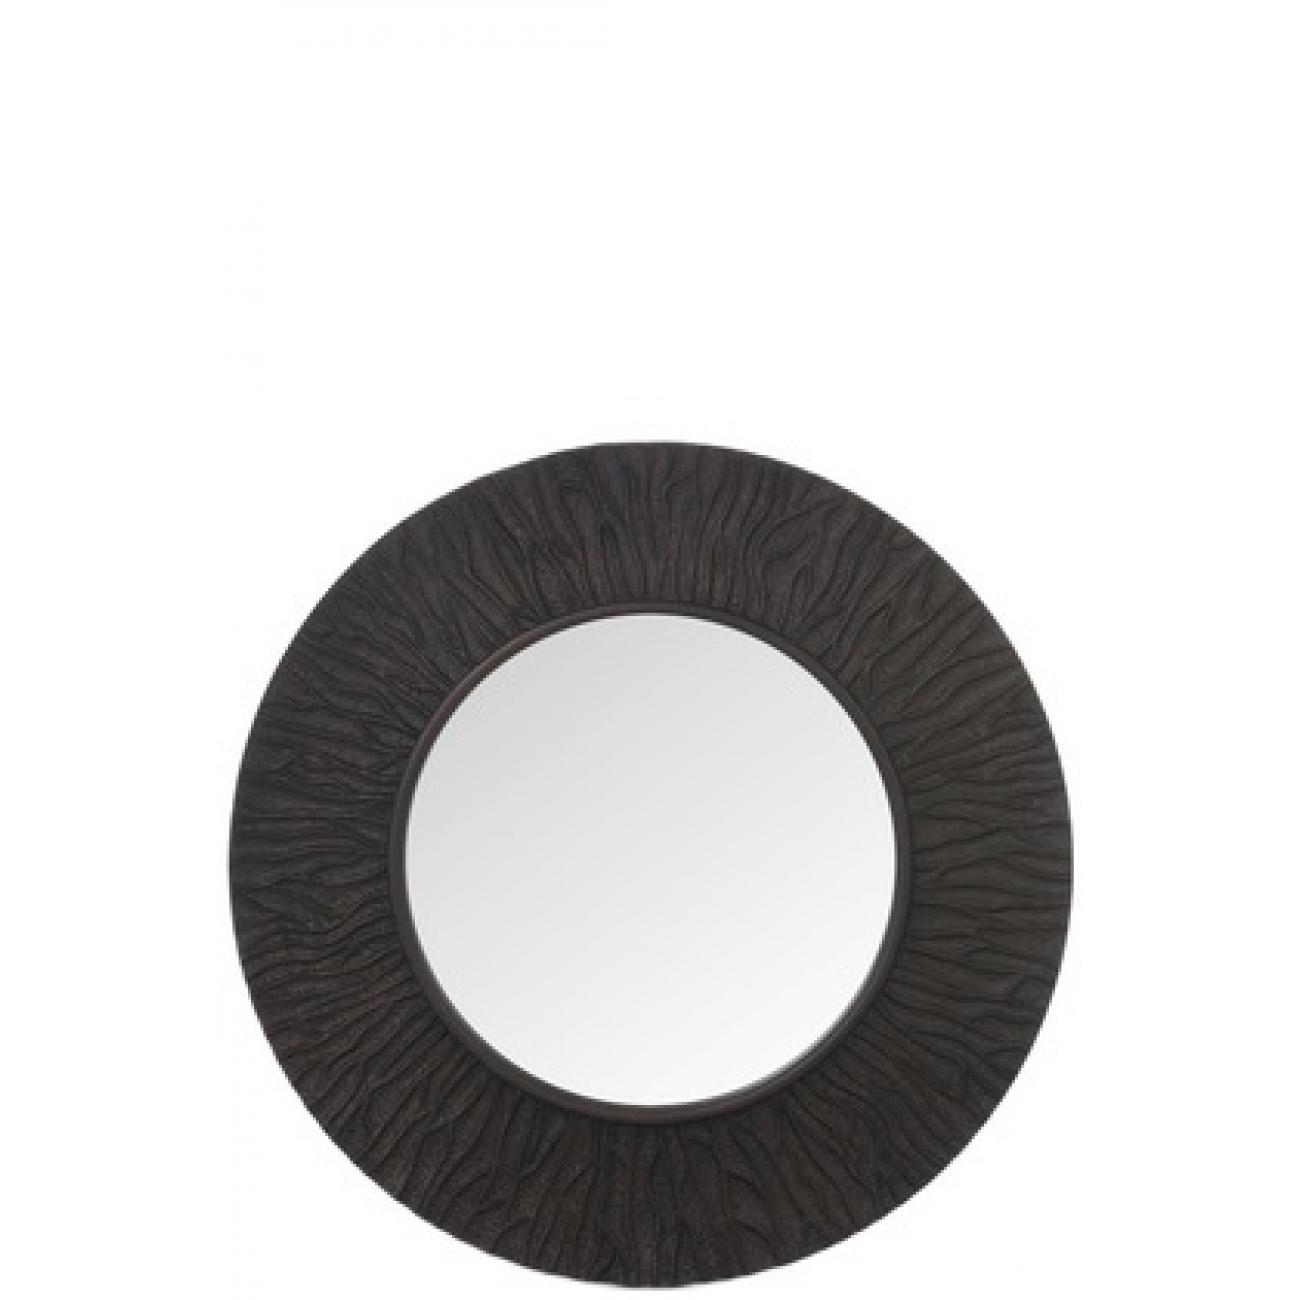 Зеркало J-LINE круглое настенное в черной полиуретановой ребристой раме темно коричневого цвета диаметр 100 см Бельгия